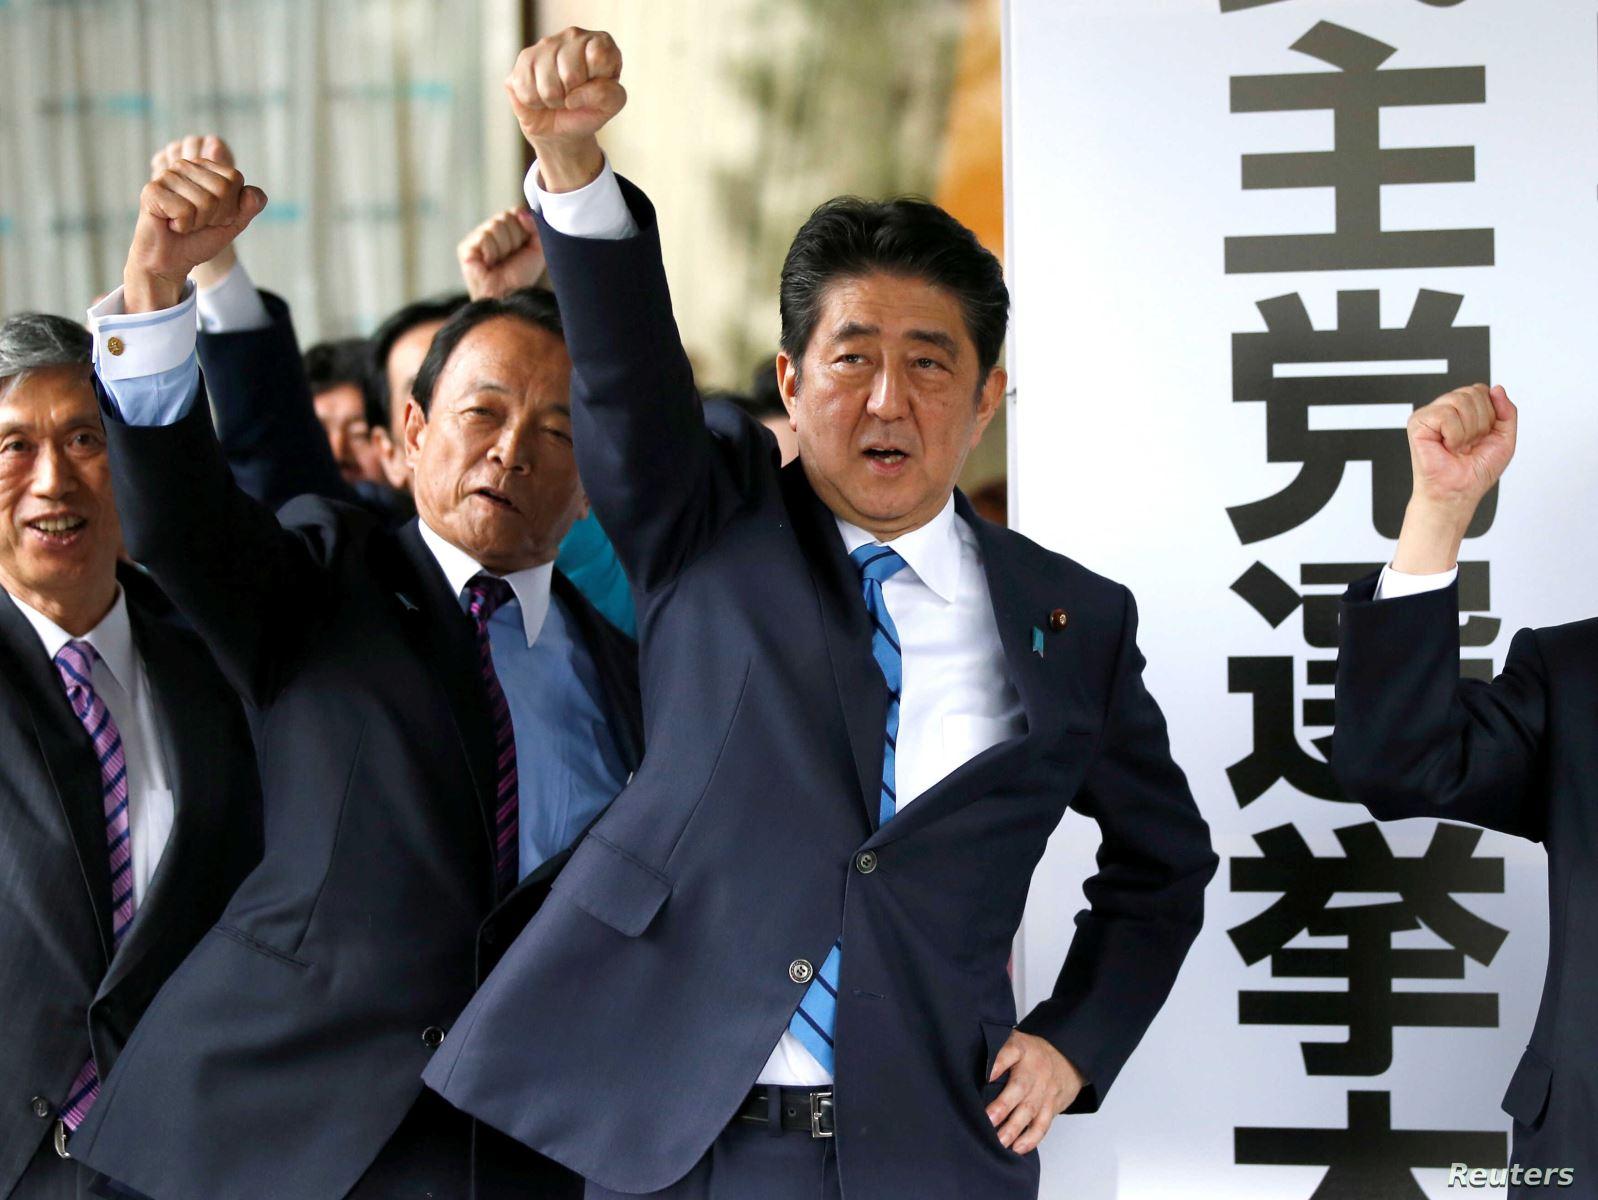 Thủ tướng Nhật Bản Shinzo Abe (trước) ban bố tình trạng khẩn cấp vì dịch COVID-19. Ảnh: Voice of America